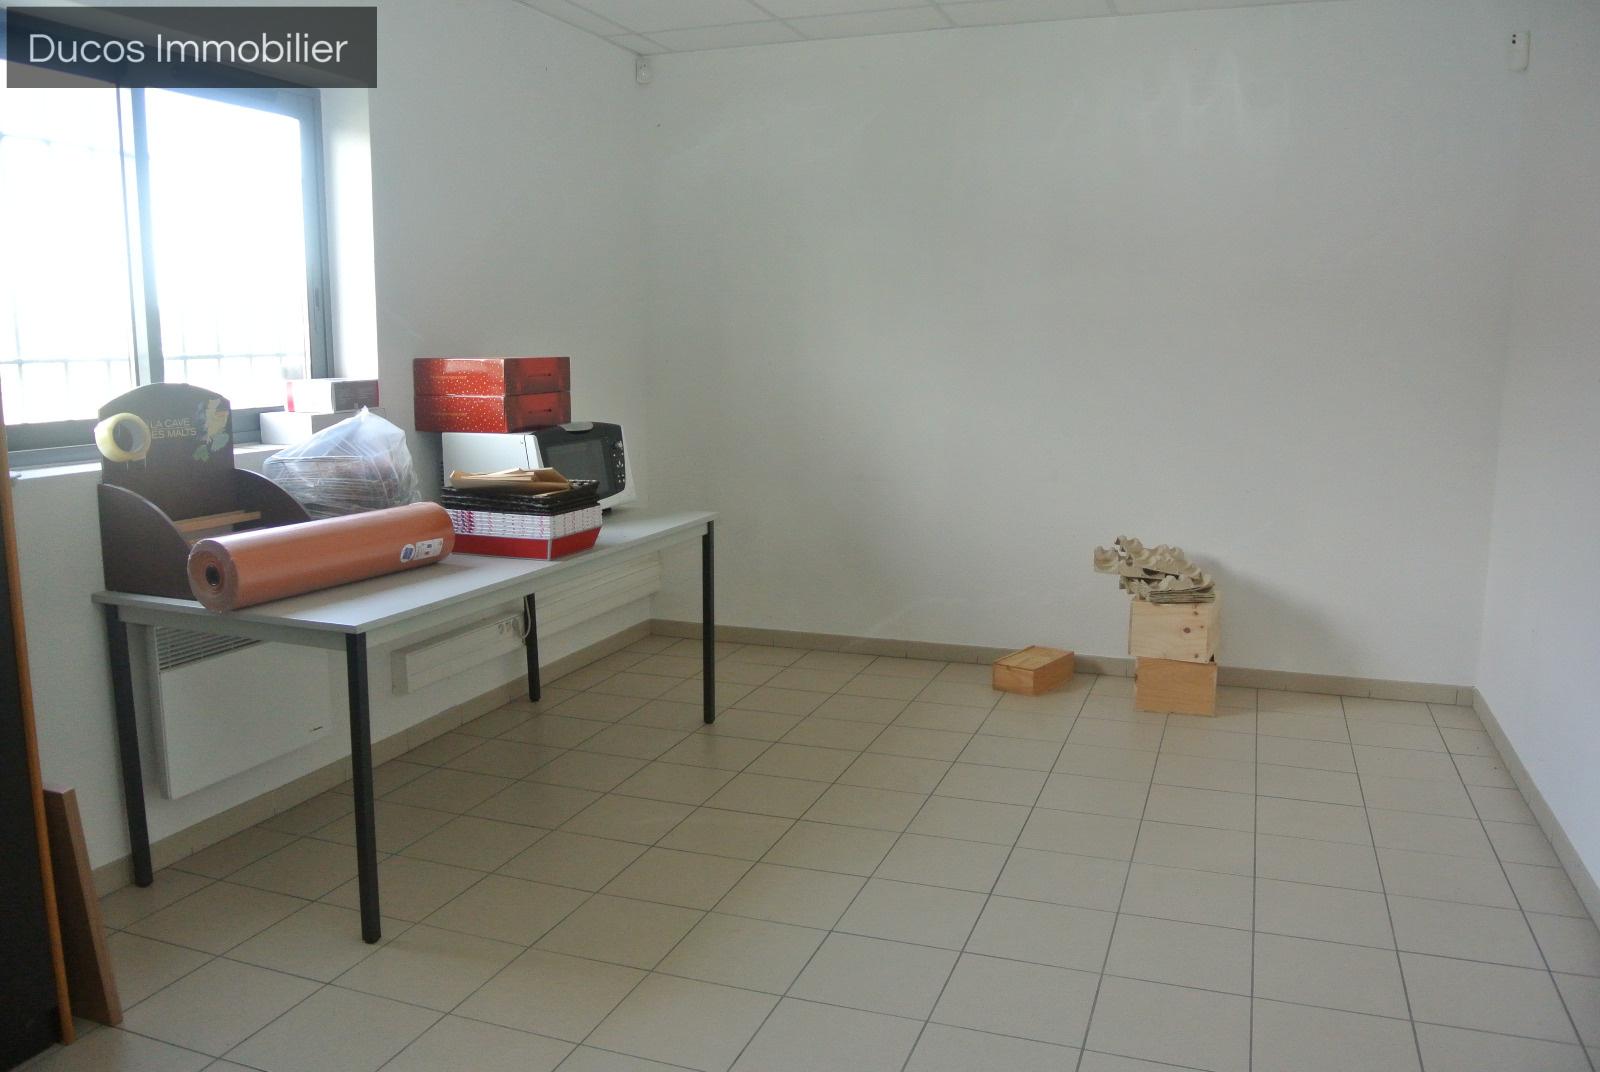 location bureau commerce marmande 5 pi ces 400m 3 360 mois sur le partenaire. Black Bedroom Furniture Sets. Home Design Ideas